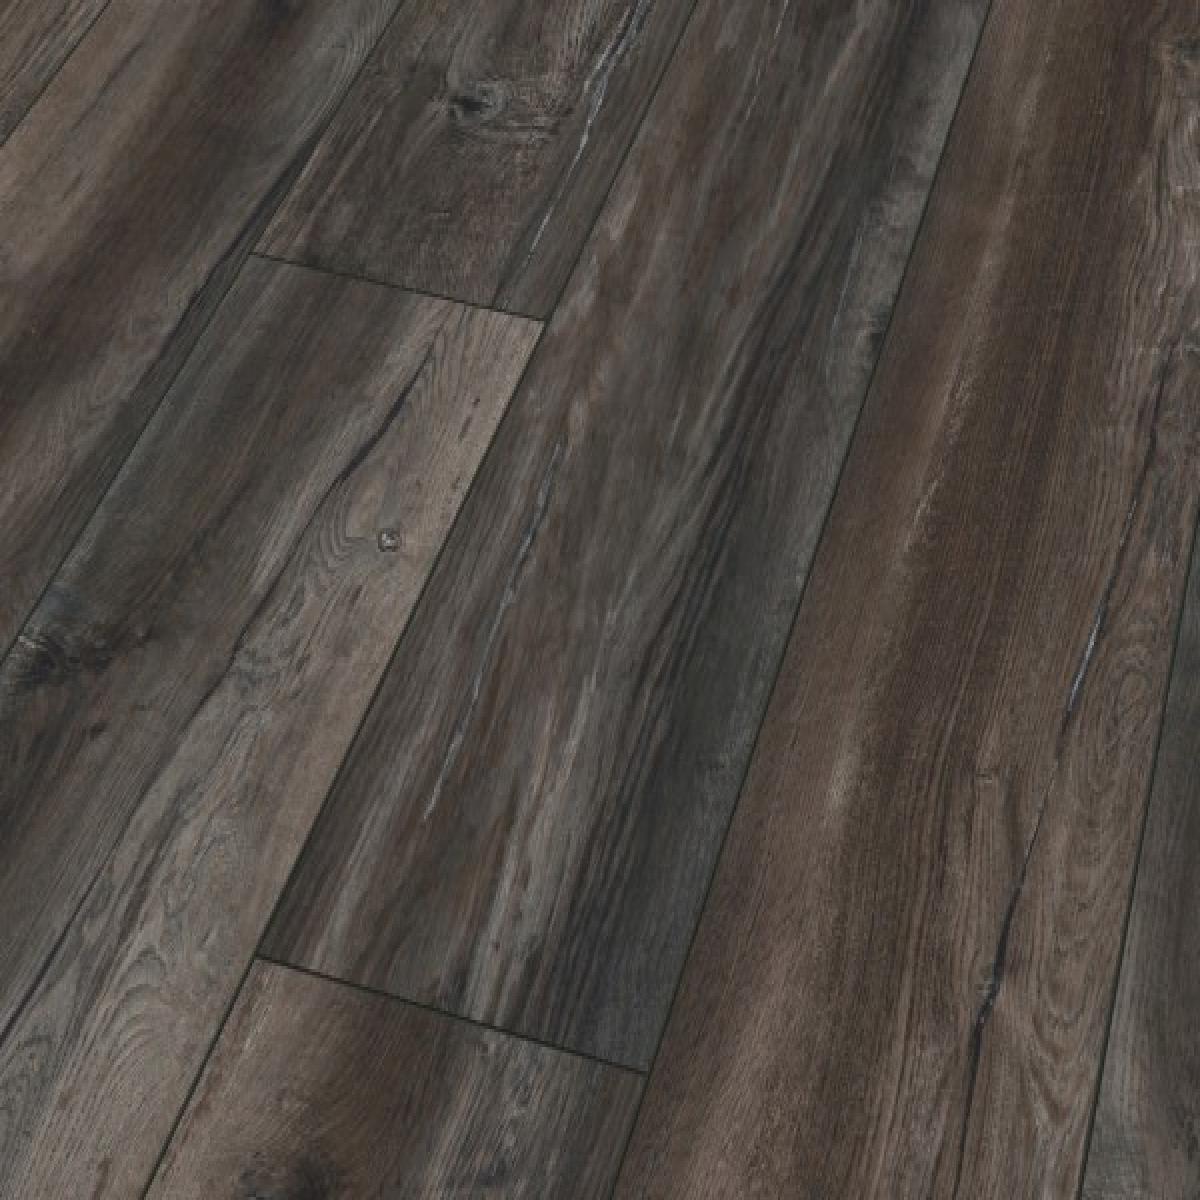 Harbour Oak Dark Laminate Flooring, Laminate Flooring Dark Oak